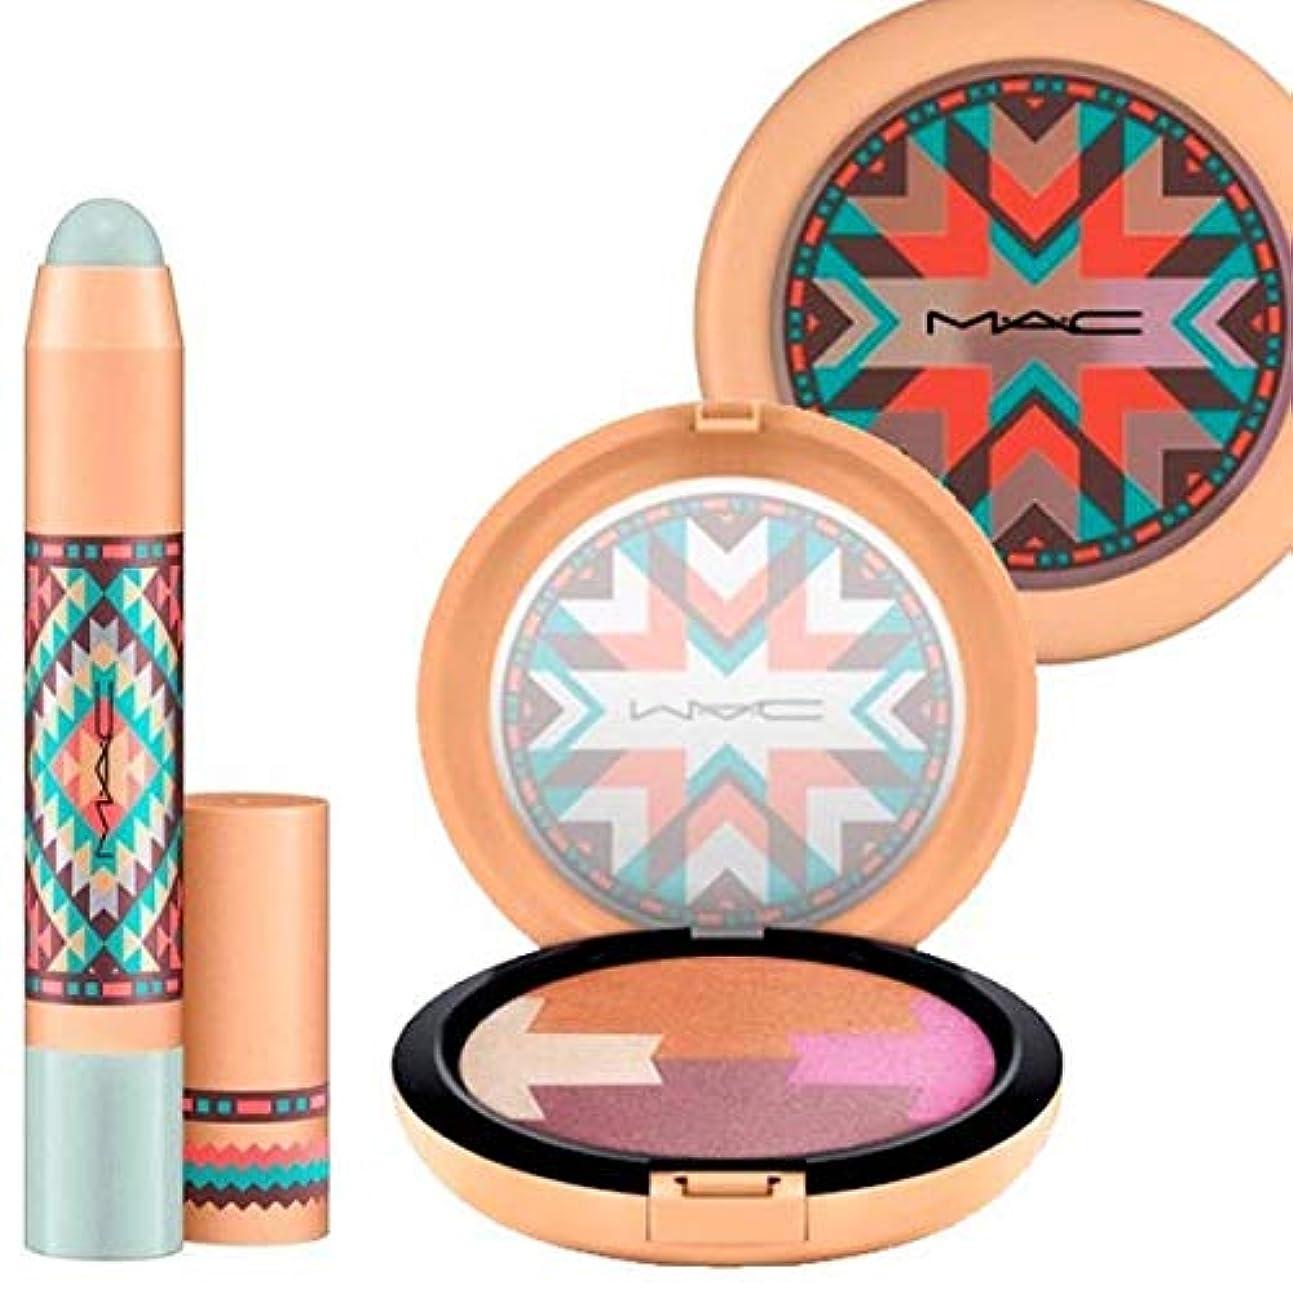 帽子好きダーリンM.A.C ?マック, 限定版 !!! Vibe Tribe/Gleamtones Powder & Desert Evening Lip Pencil [海外直送品] [並行輸入品]